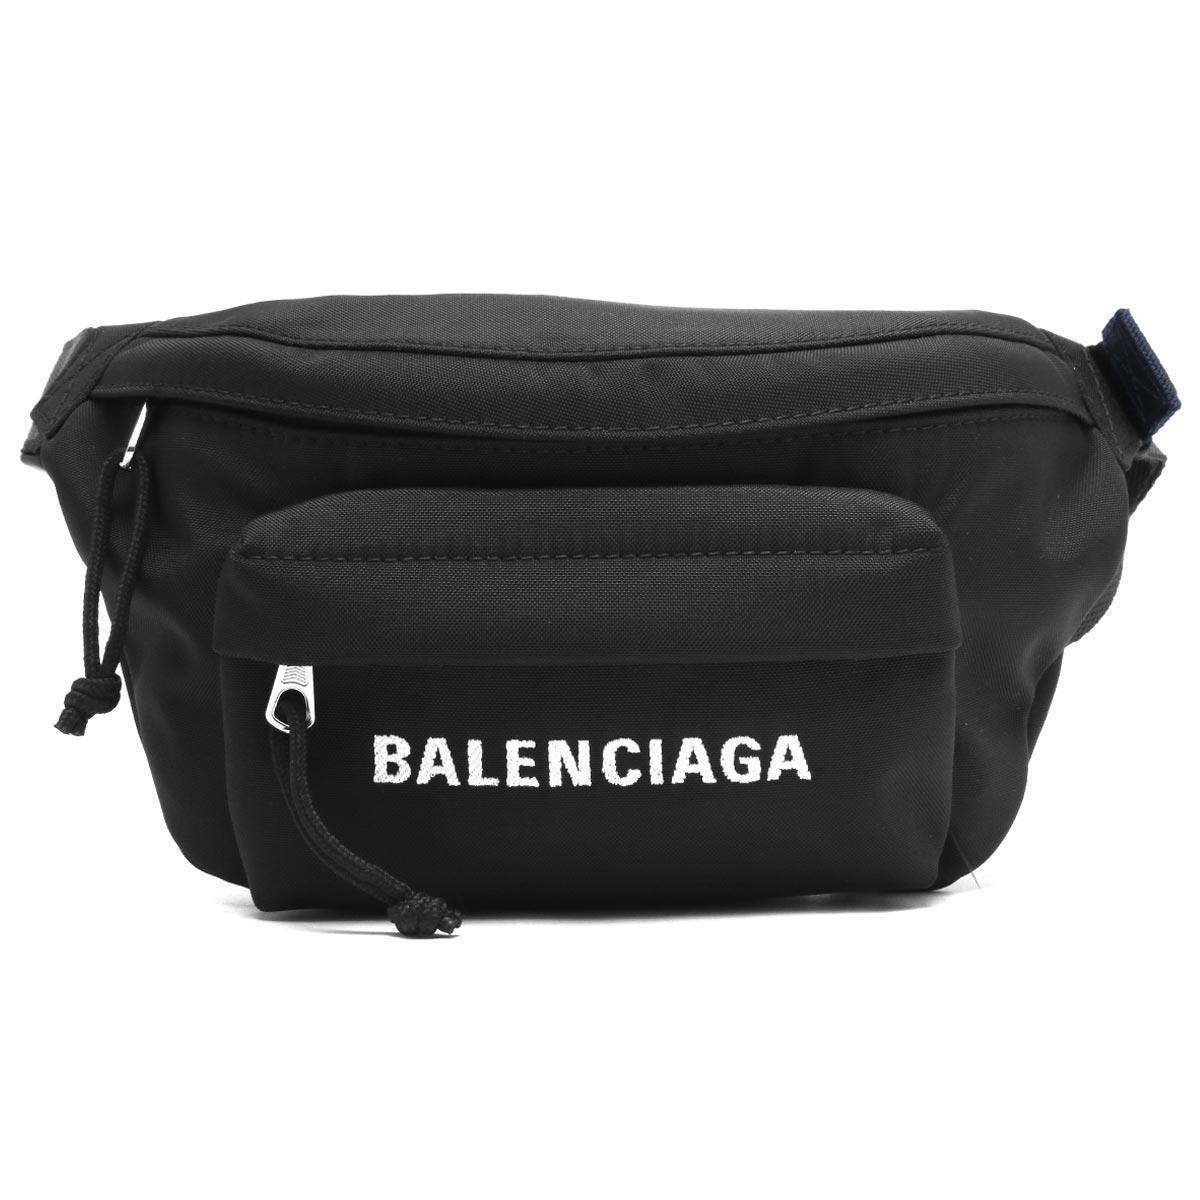 バレンシアガ ボディバッグ バッグ メンズ レディース ウィール ベルトパック S ブラック 569978 HPG1X 1090 2019年春夏新作 BALENCIAGA